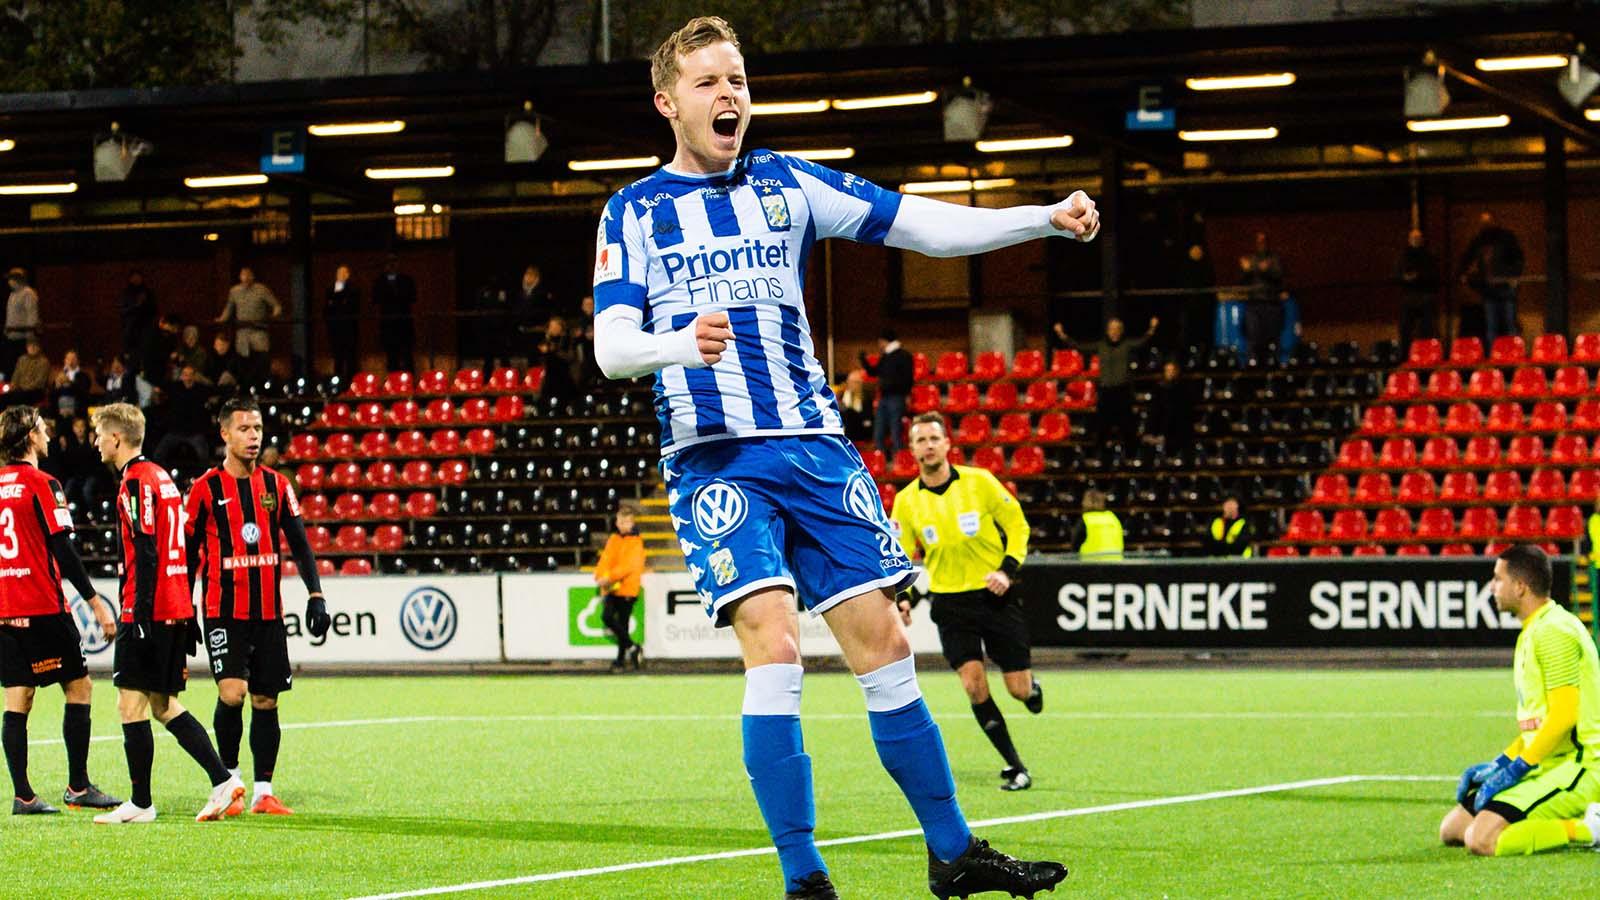 181022 IFK Göteborgs Victor Wernersson jublar efter 2-0 under fotbollsmatchen i Allsvenskan mellan Brommapojkarna och IFK Göteborg den 22 oktober 2018 i Stockholm. Foto: Simon Hastegård / Bildbyrån / Cop 118